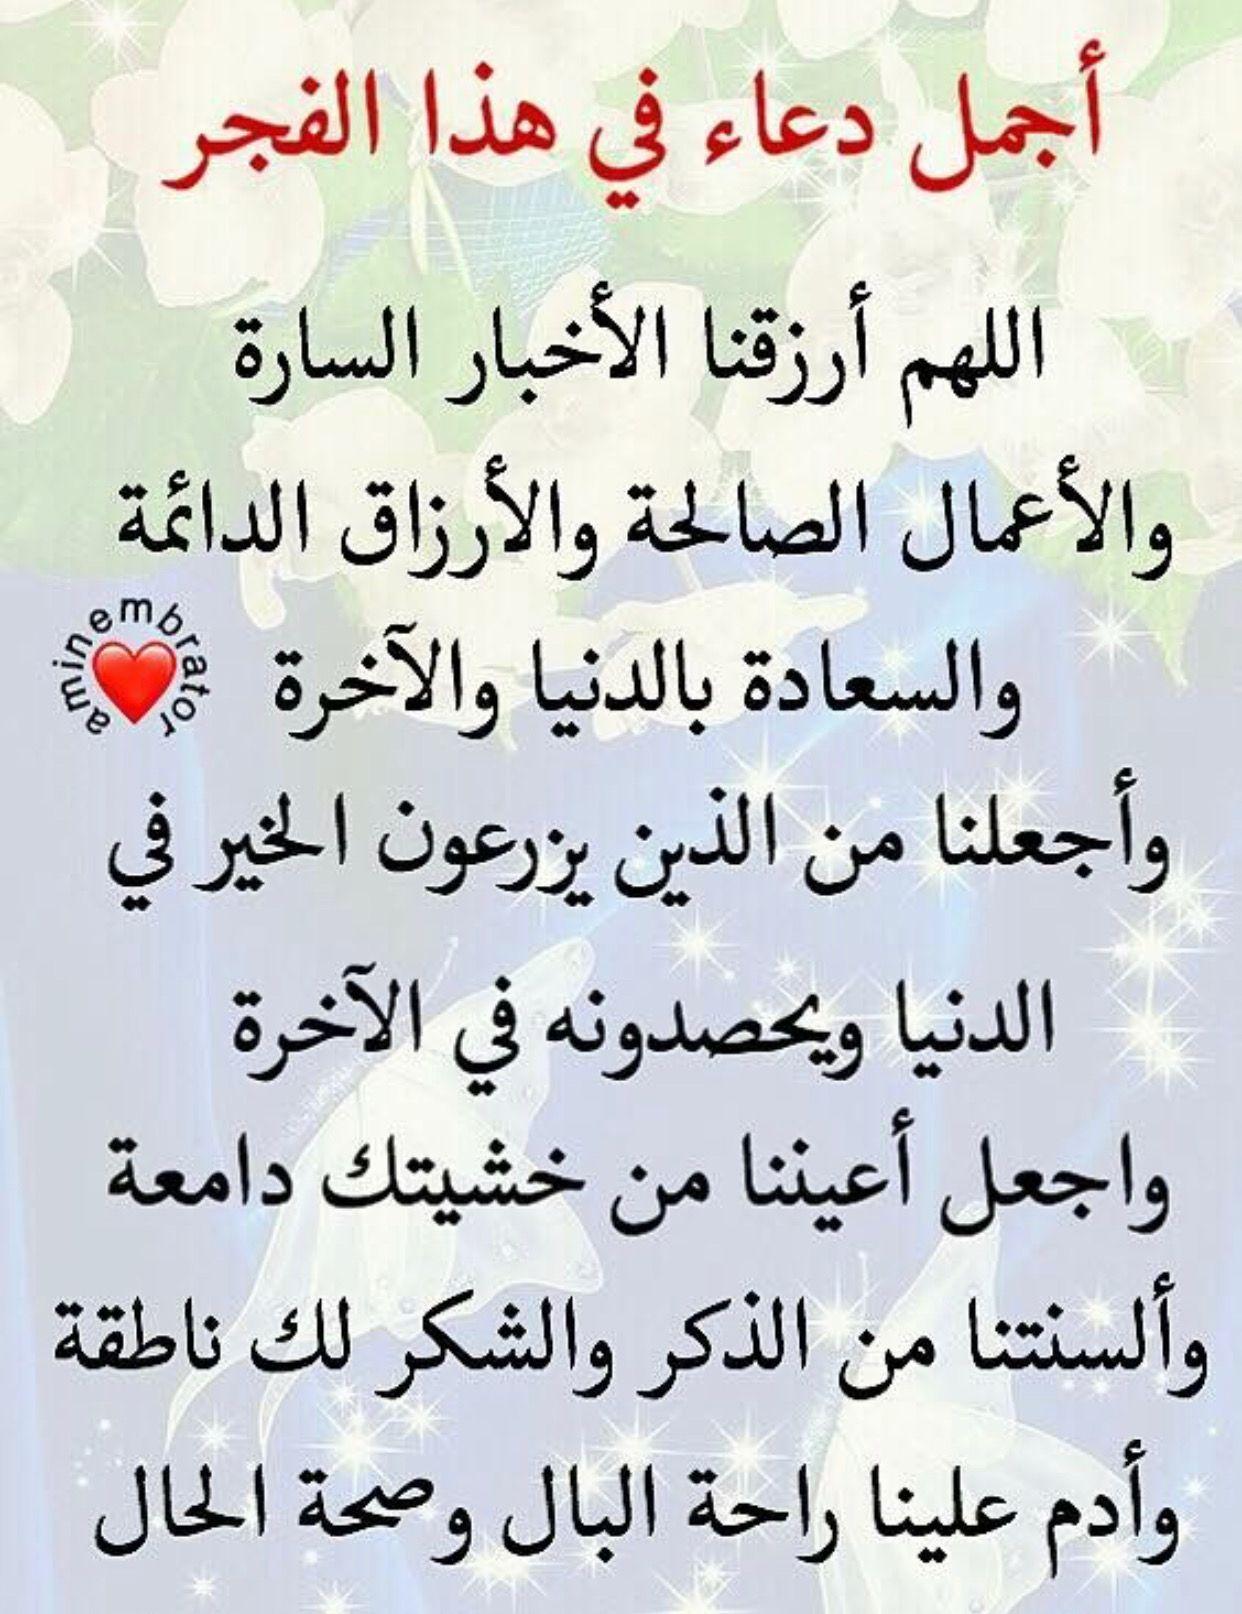 اللهم امين يارب العالمين Quran Quotes Inspirational Islamic Phrases Islam Facts